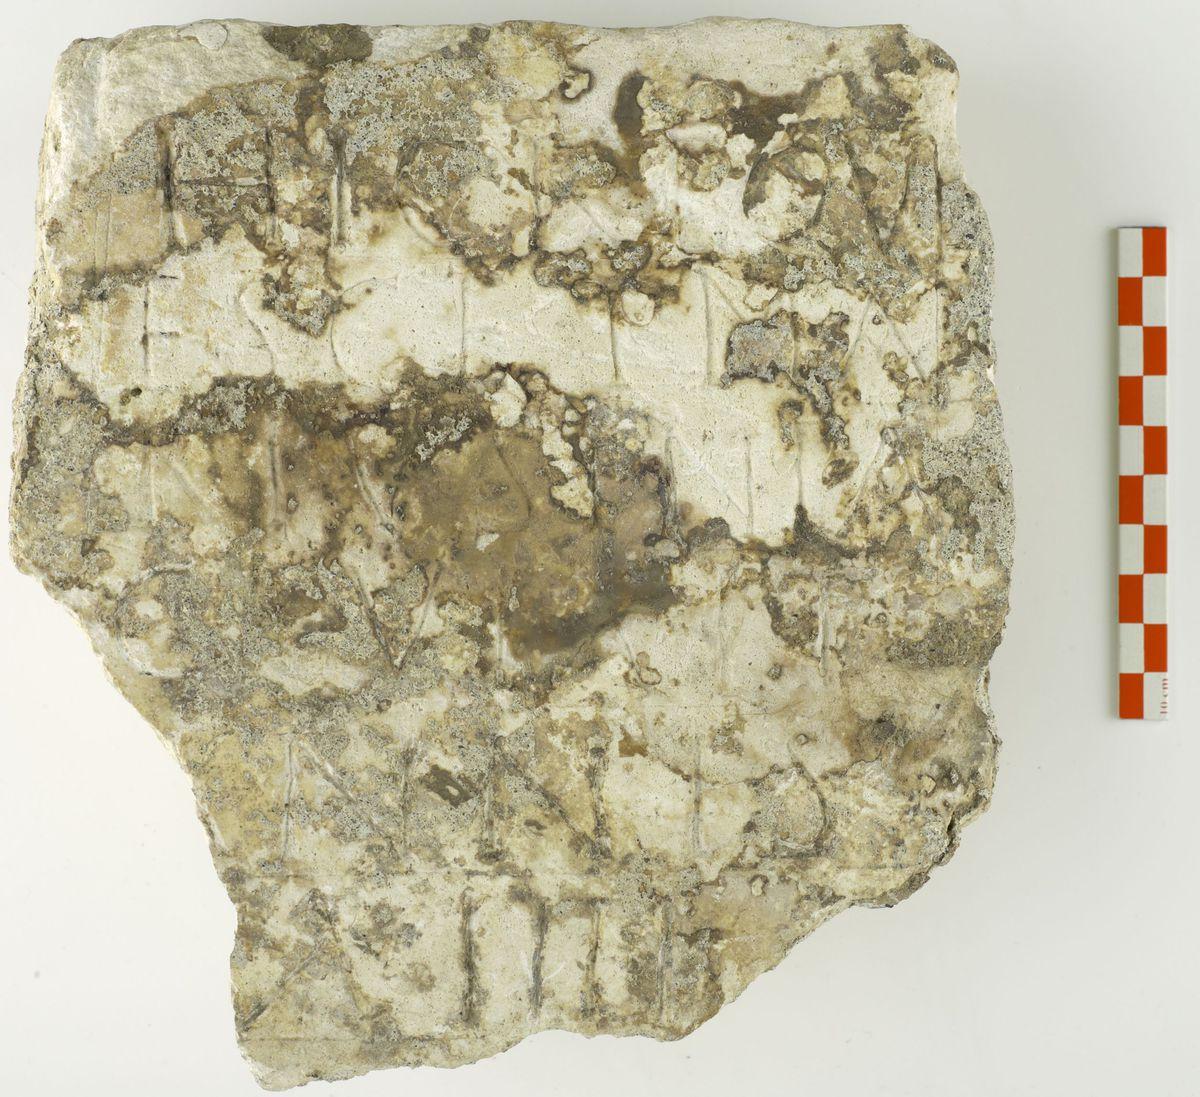 épigraphie archéologie 450-580 fin 5e à 530